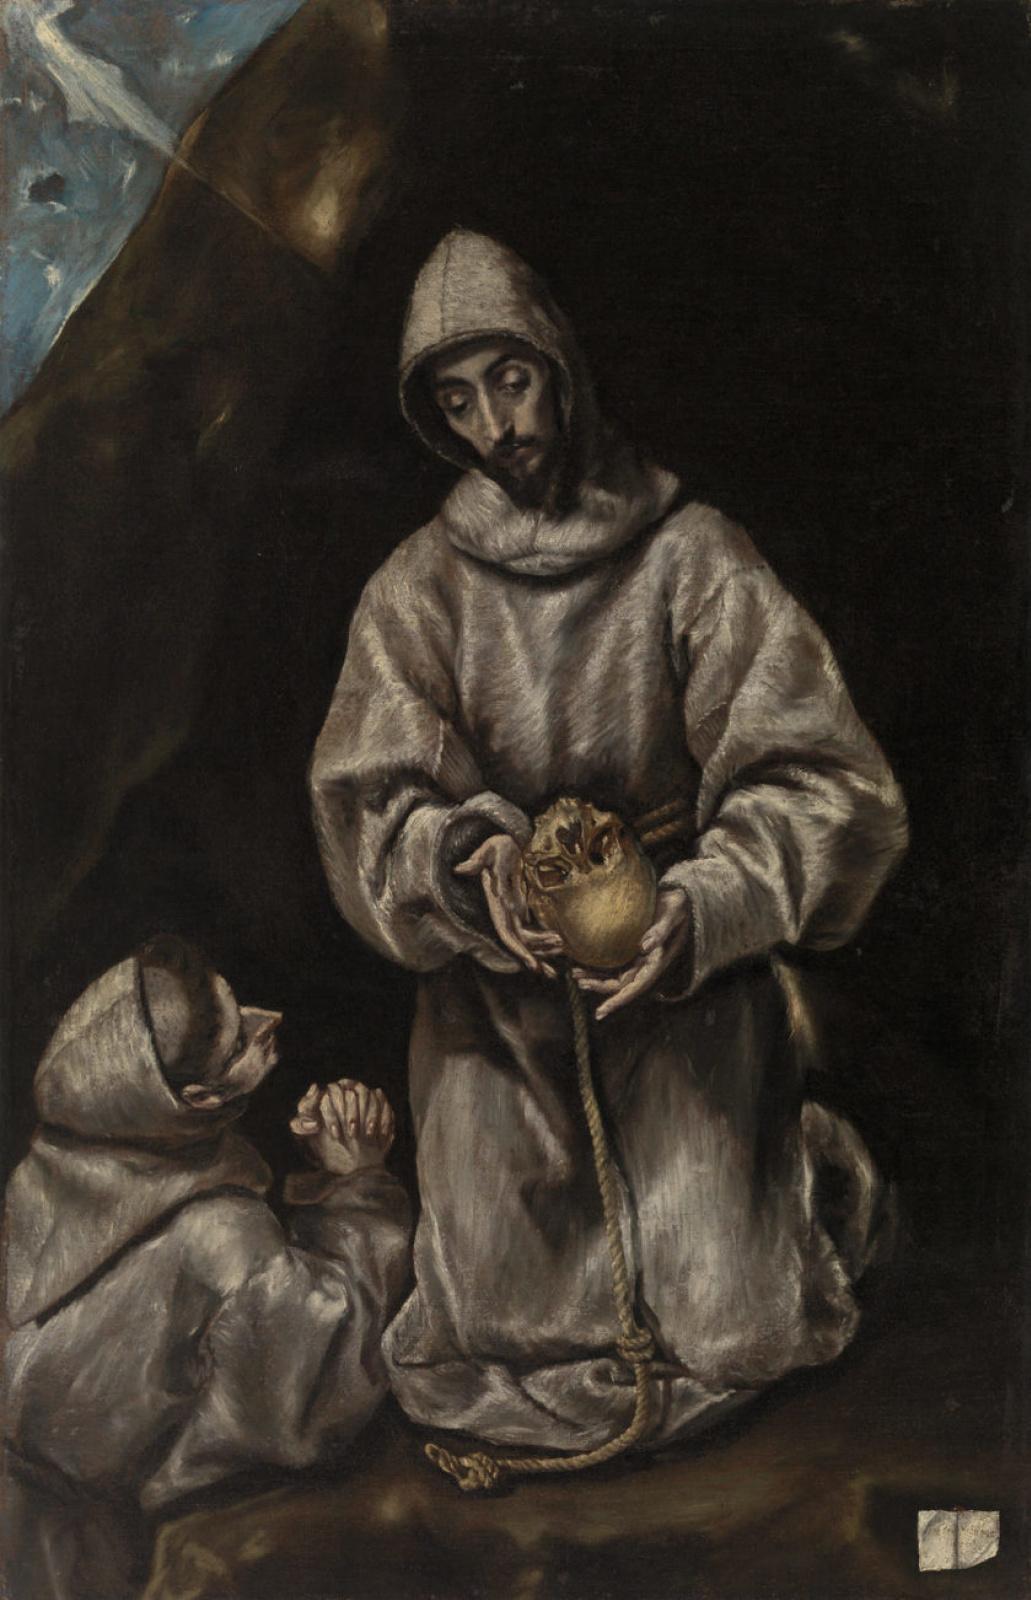 Эль Греко (Доменико Теотокопули). Святой Франциск и брат Лео размышляют о смерти